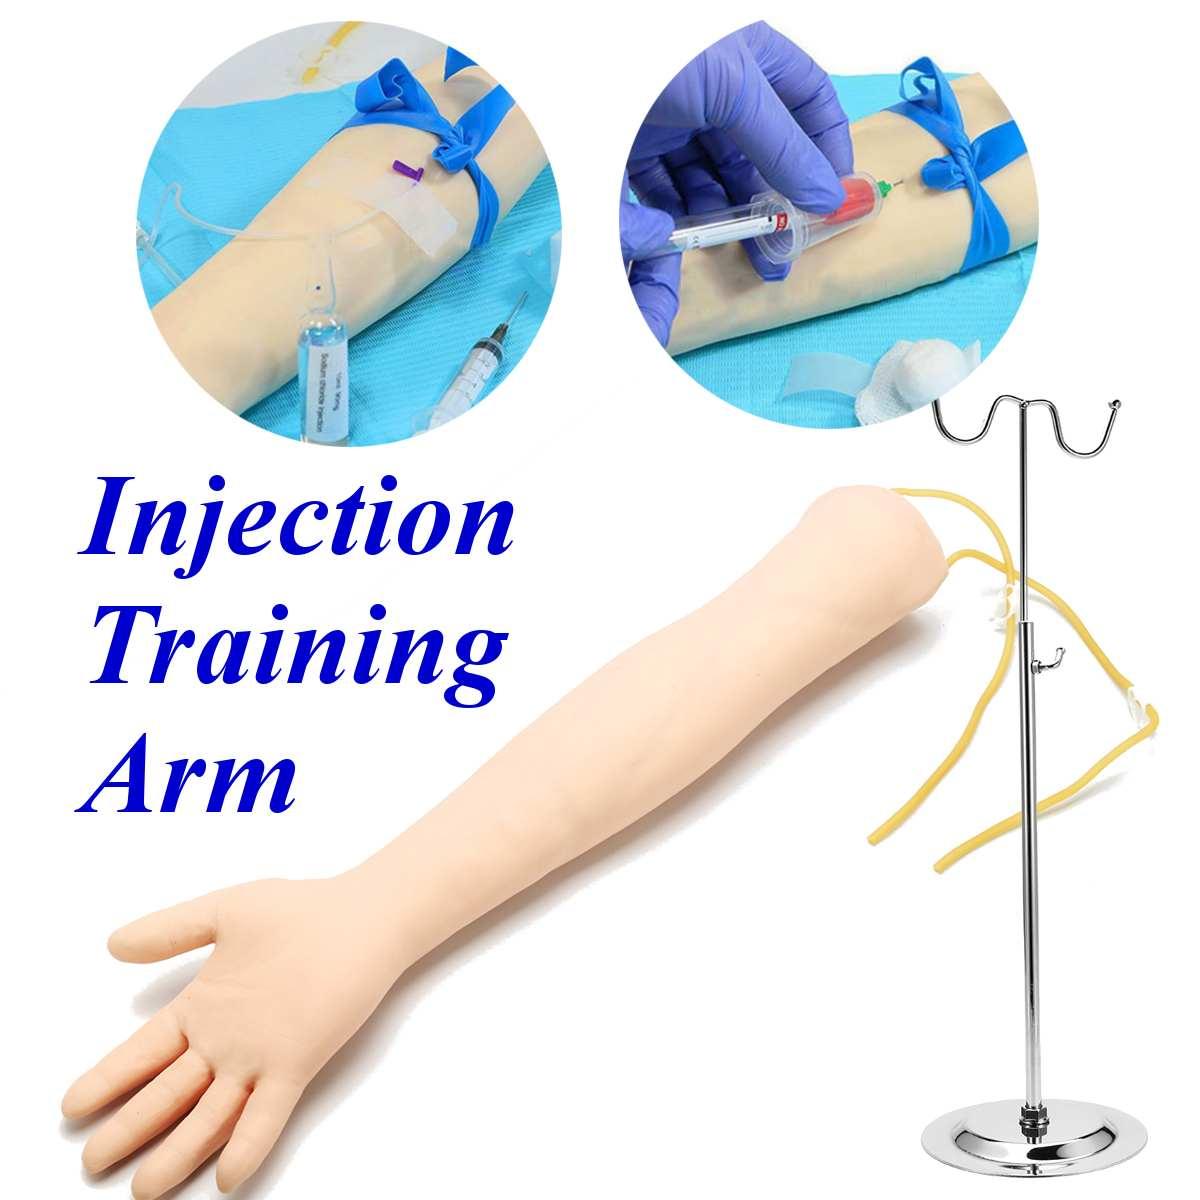 IV Praxis Arm Aderlass Venipuncture Modell Mit Halterung Erwachsene Arm Venipuncture Ausbildung Schule Pädagogisches Medizinische Modell Neue